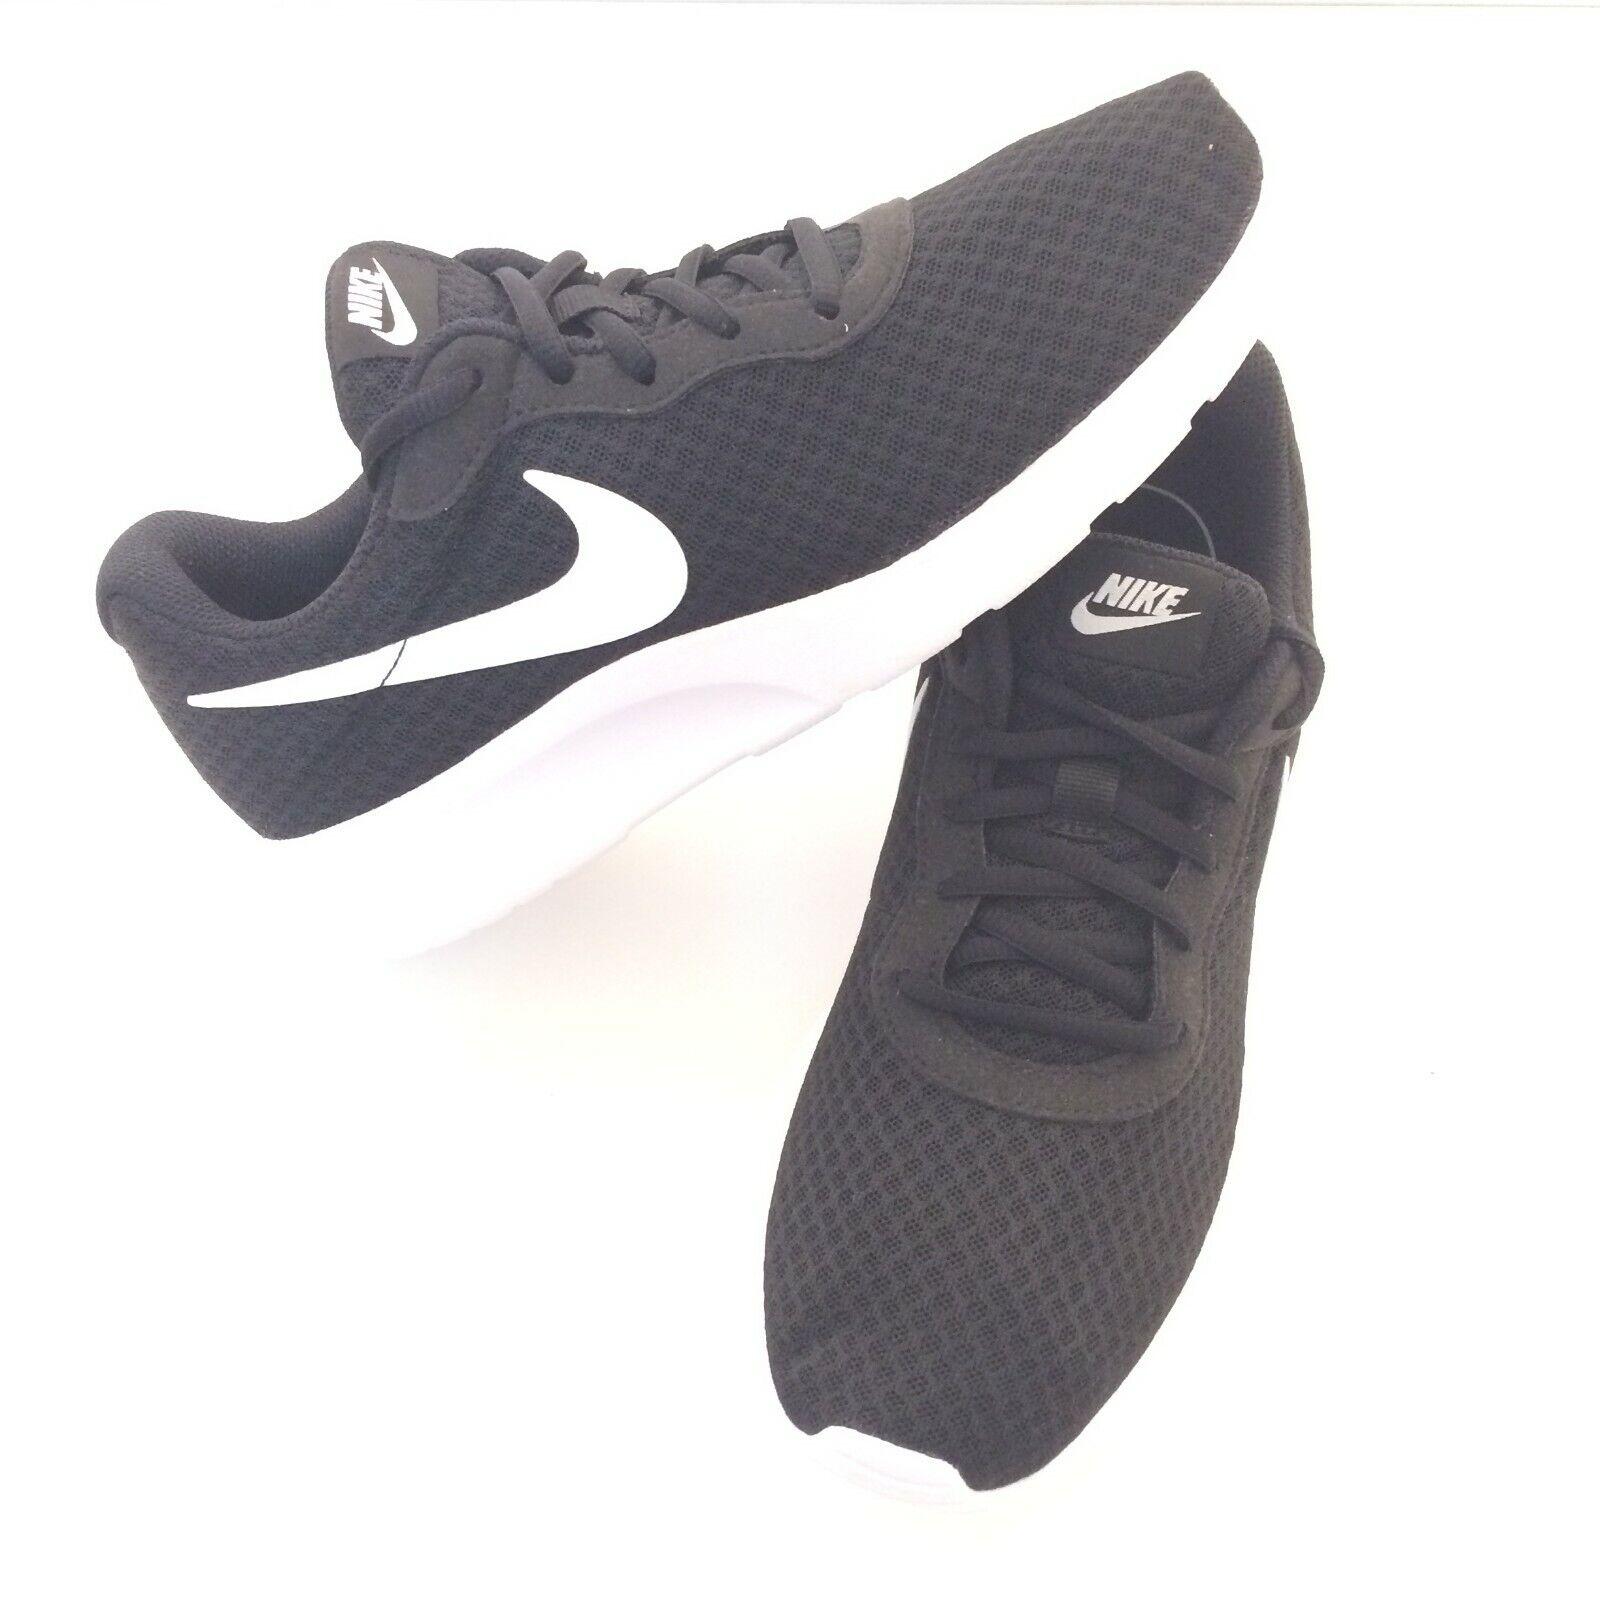 NIKE Tanjun Running Sneakers Shoes